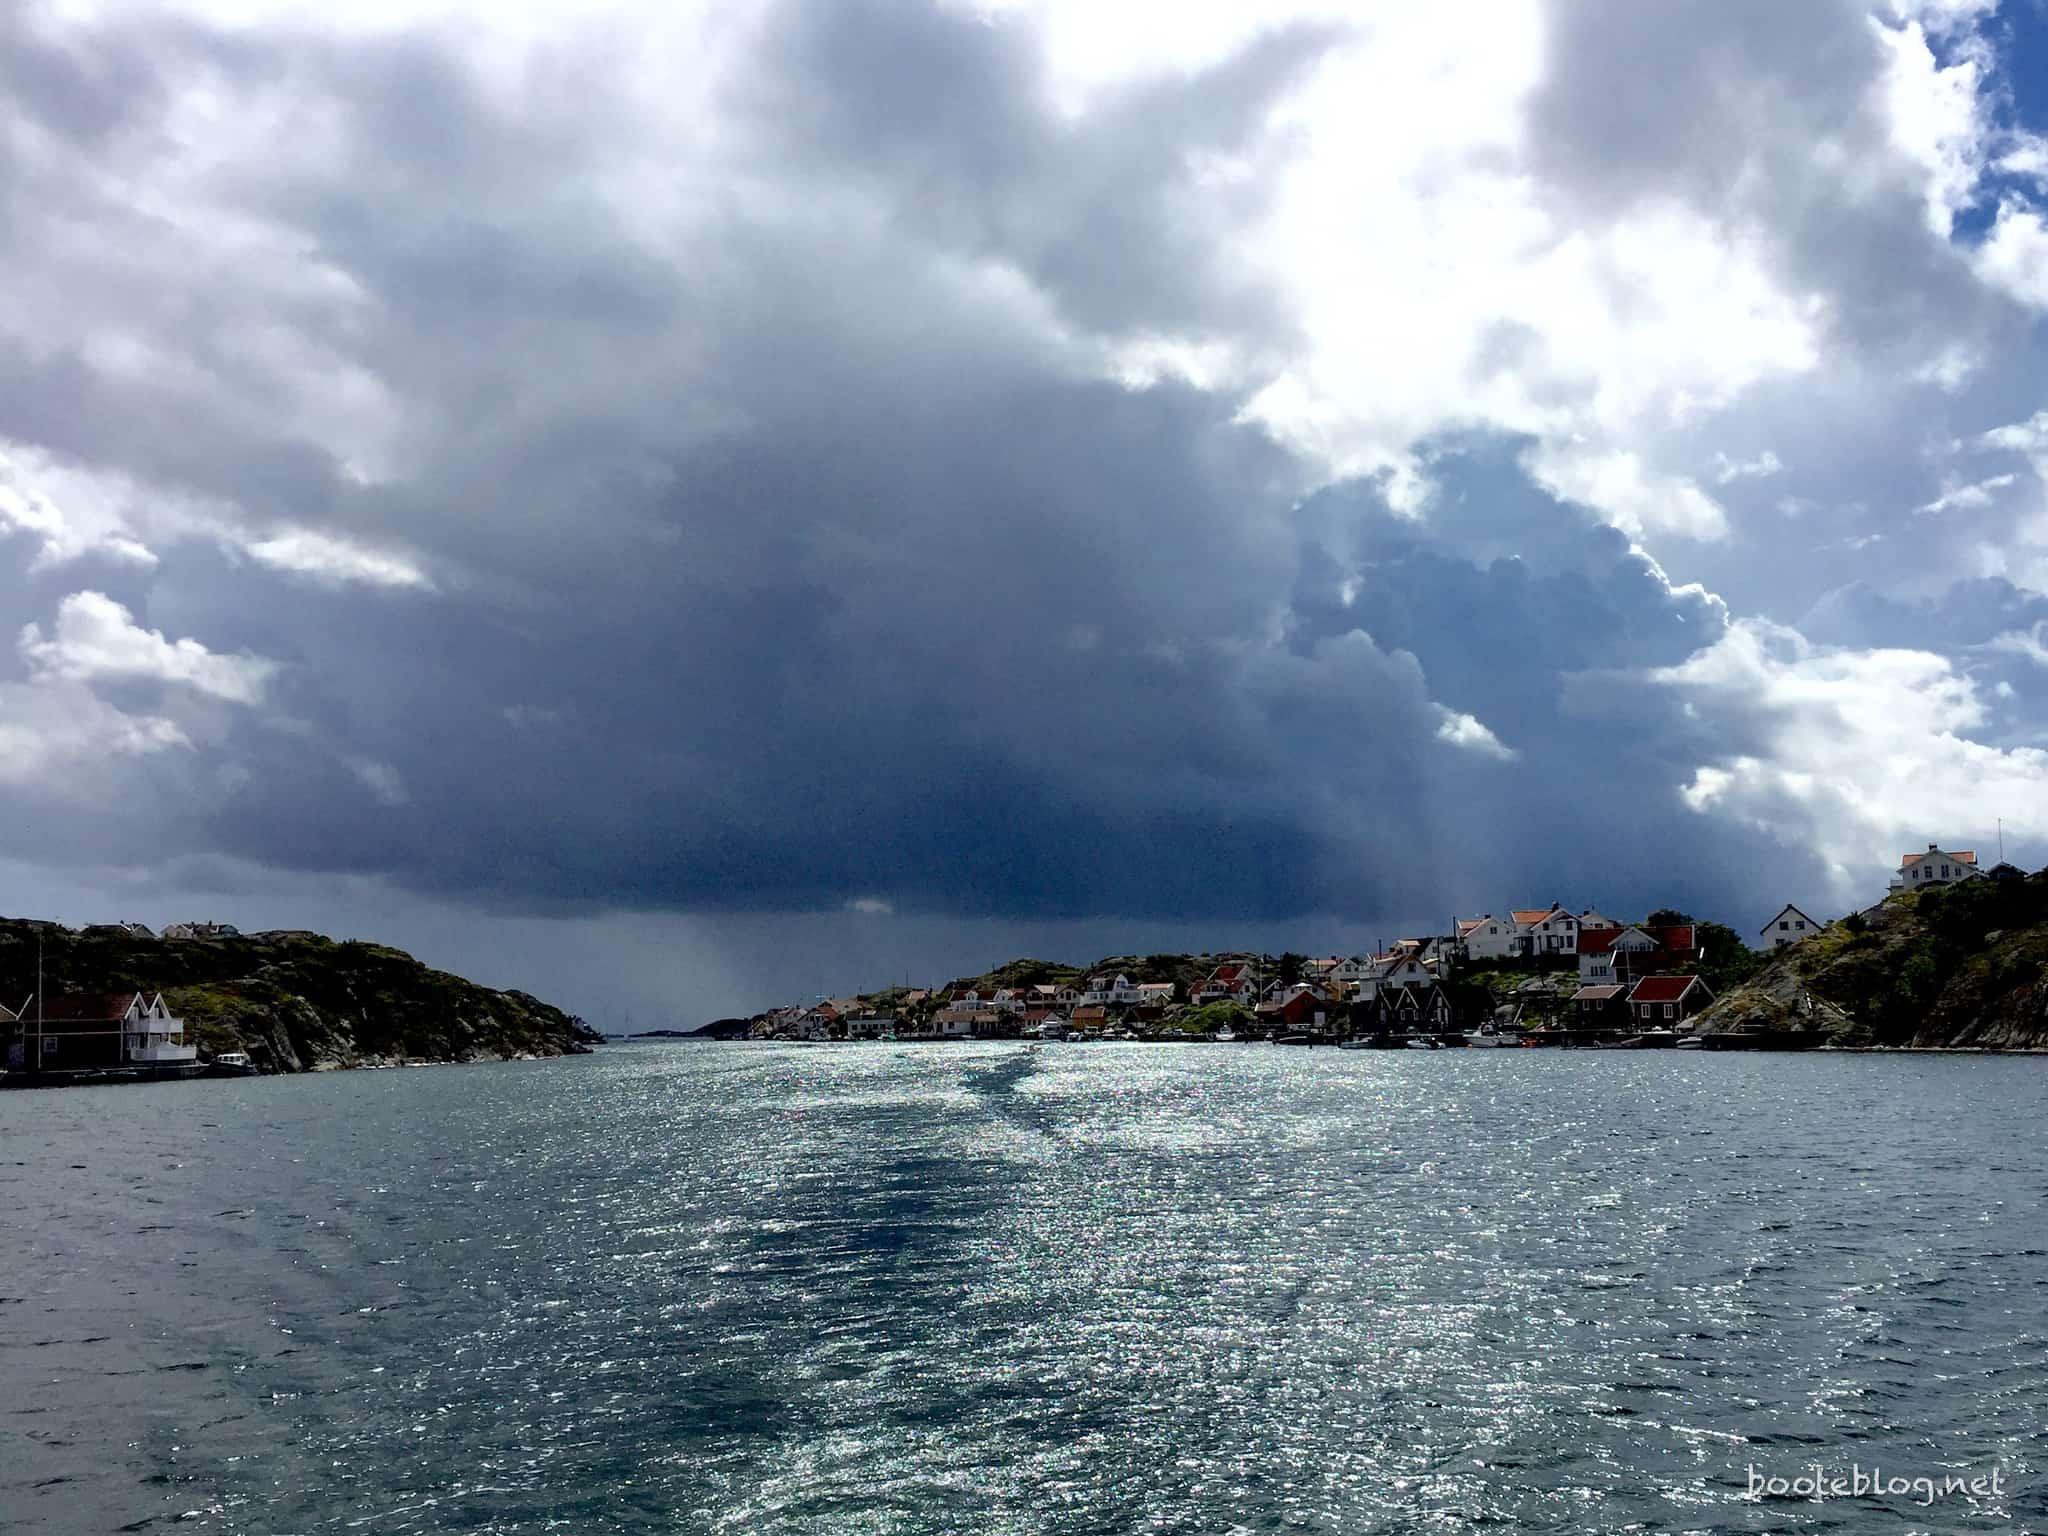 Vereinzelte dunkle Wolken, hier nach einer Ortsdurchfahrt auf der E6 mit Tempo 50... nein, natürlich nur mit Tempo 5 (Knoten).